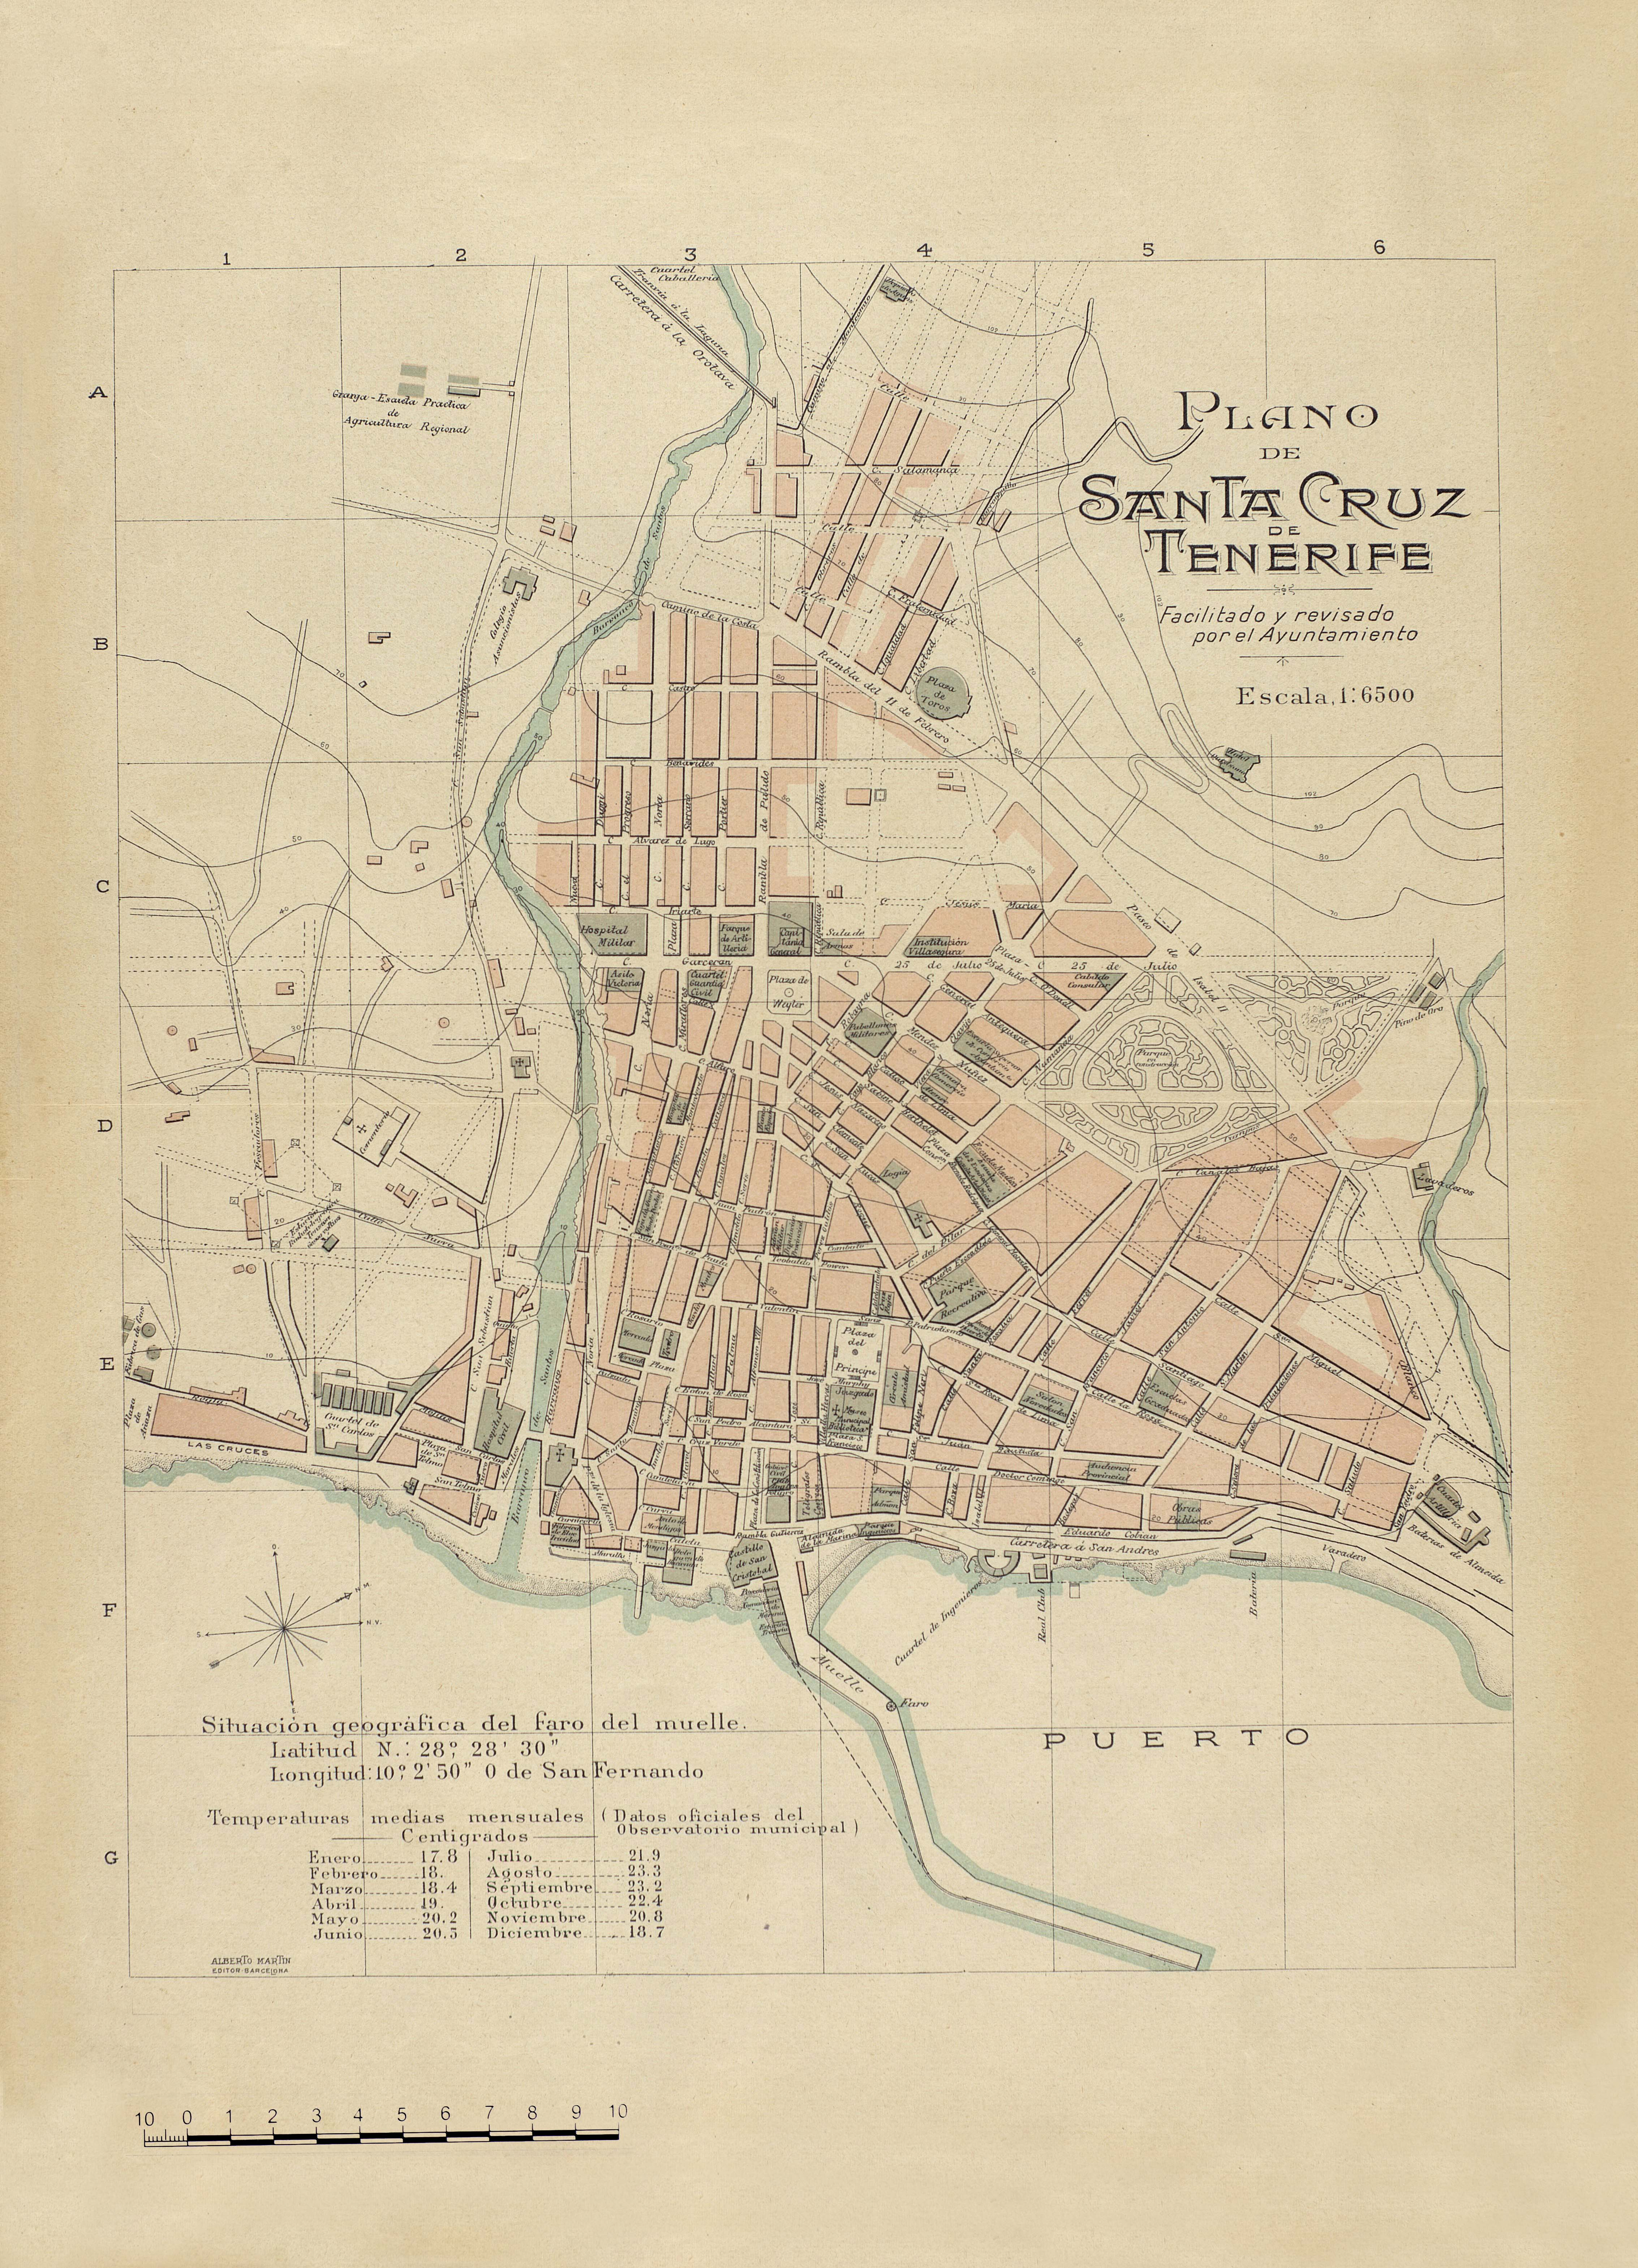 Plano de Santa Cruz de Tenerife